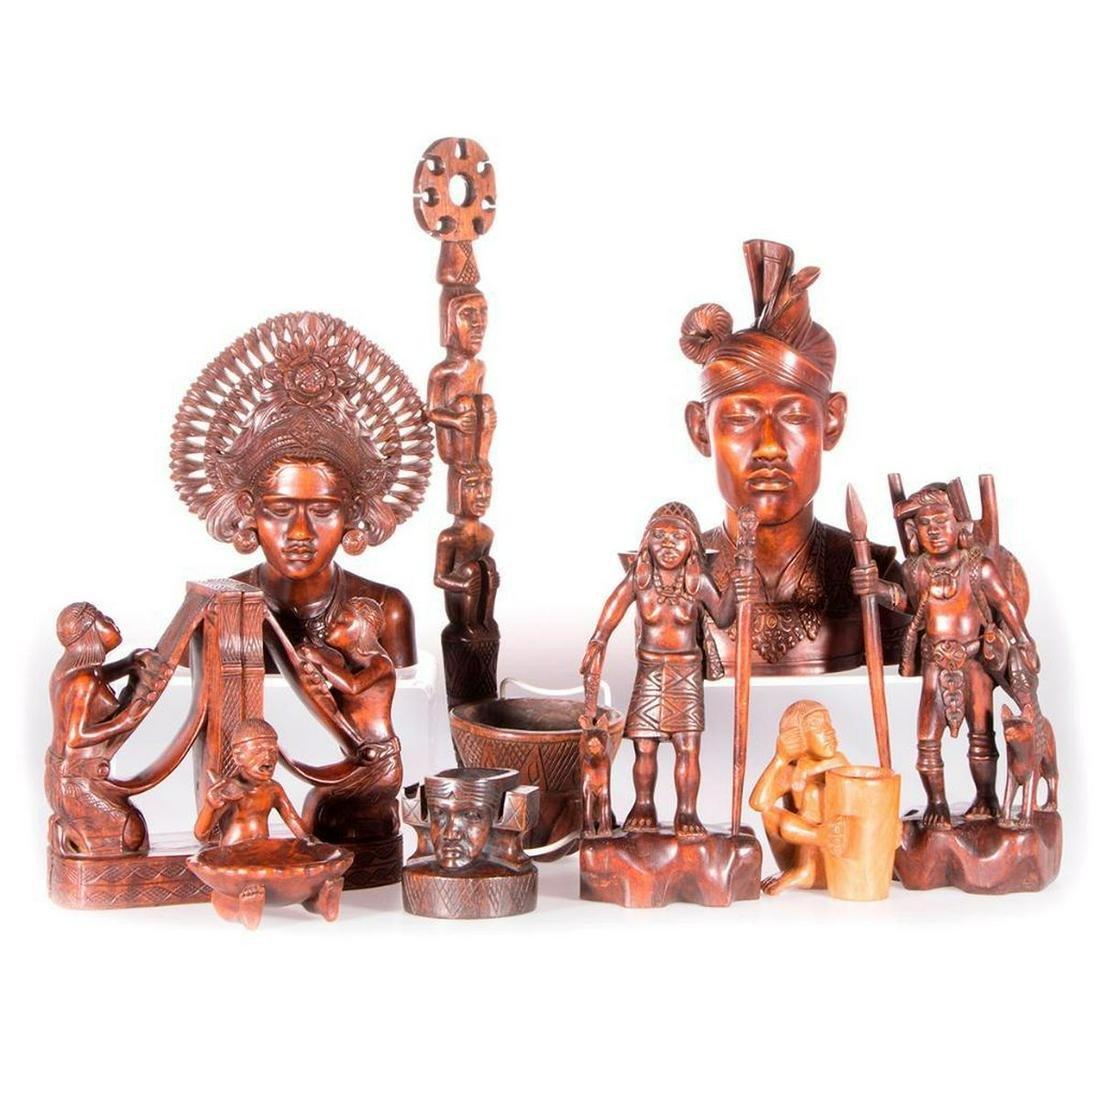 Ten Indonesian wood carvings.